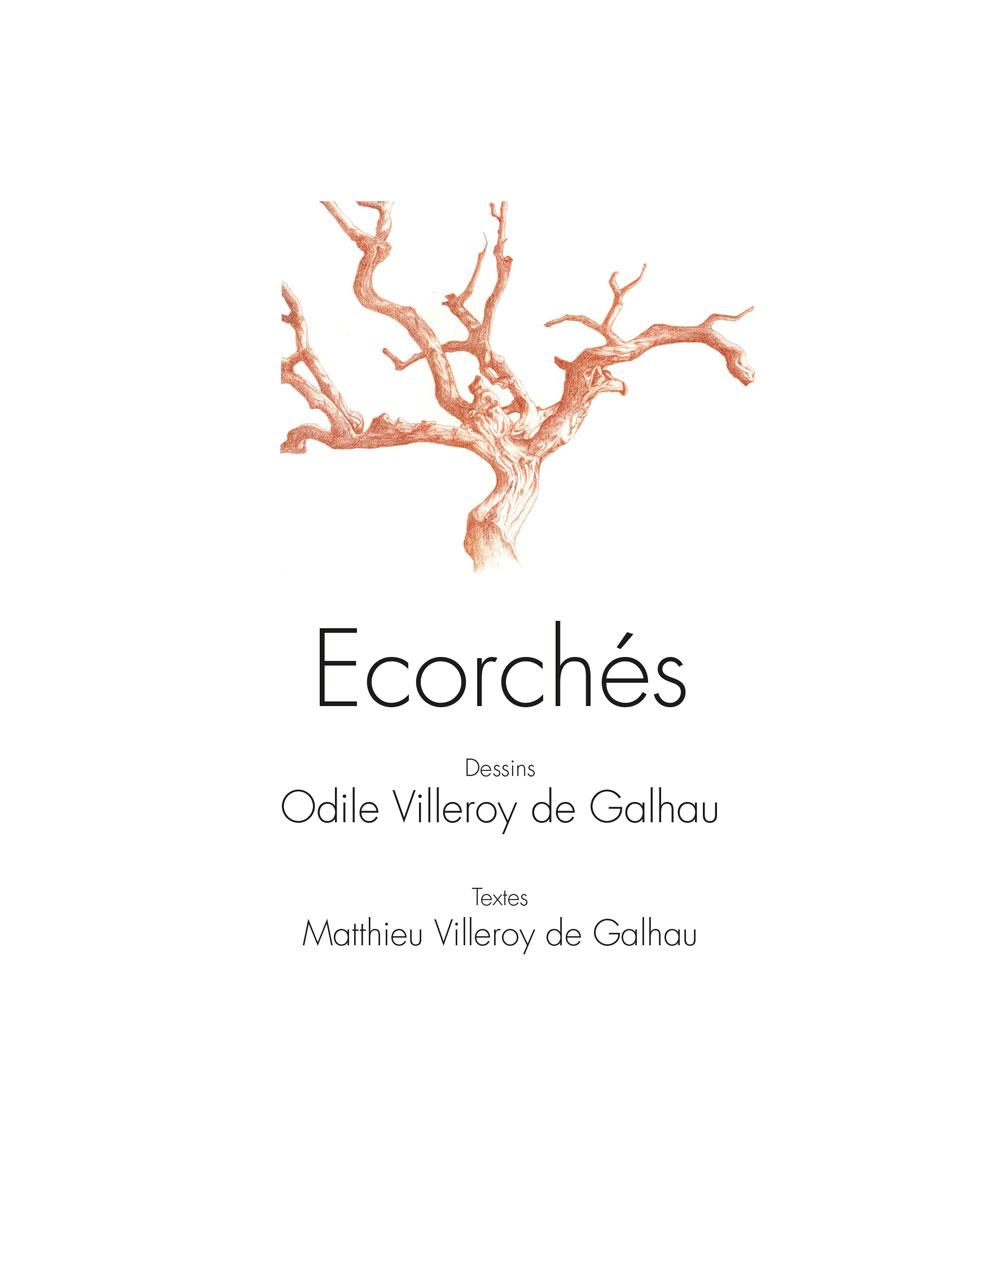 Ecorchés de Odile Villeroy, production Les éditions Orange Claire